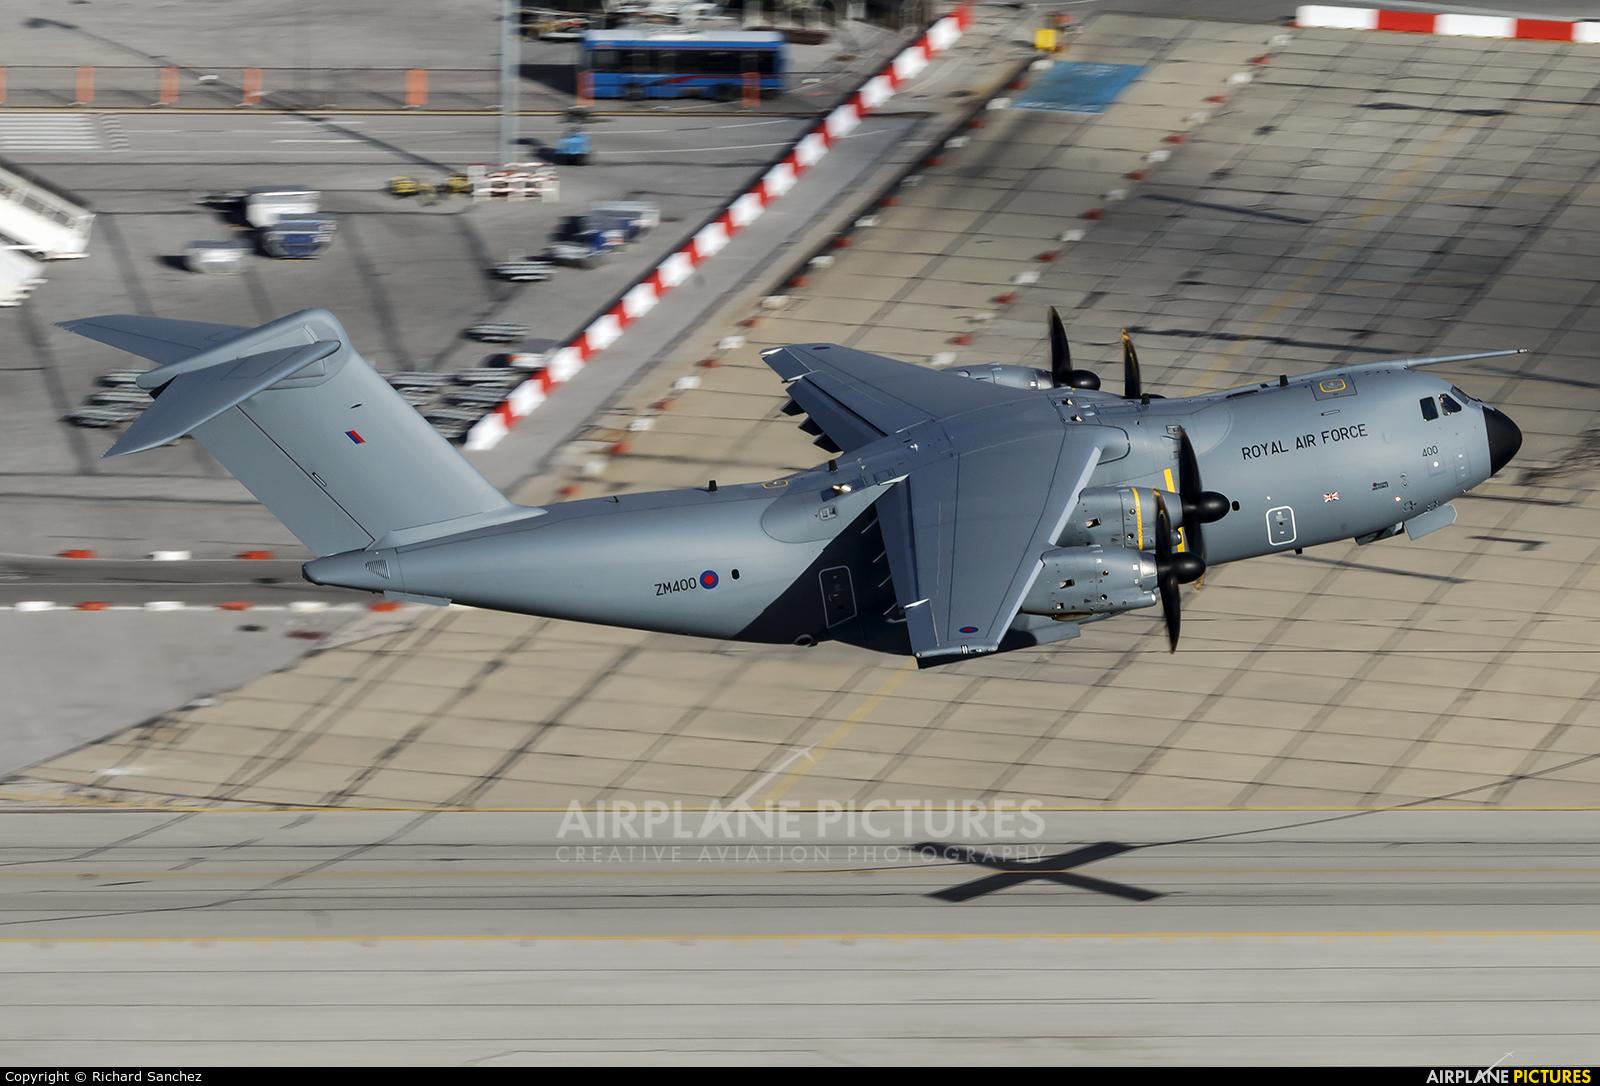 Royal Air Force ZM400 aircraft at Gibraltar